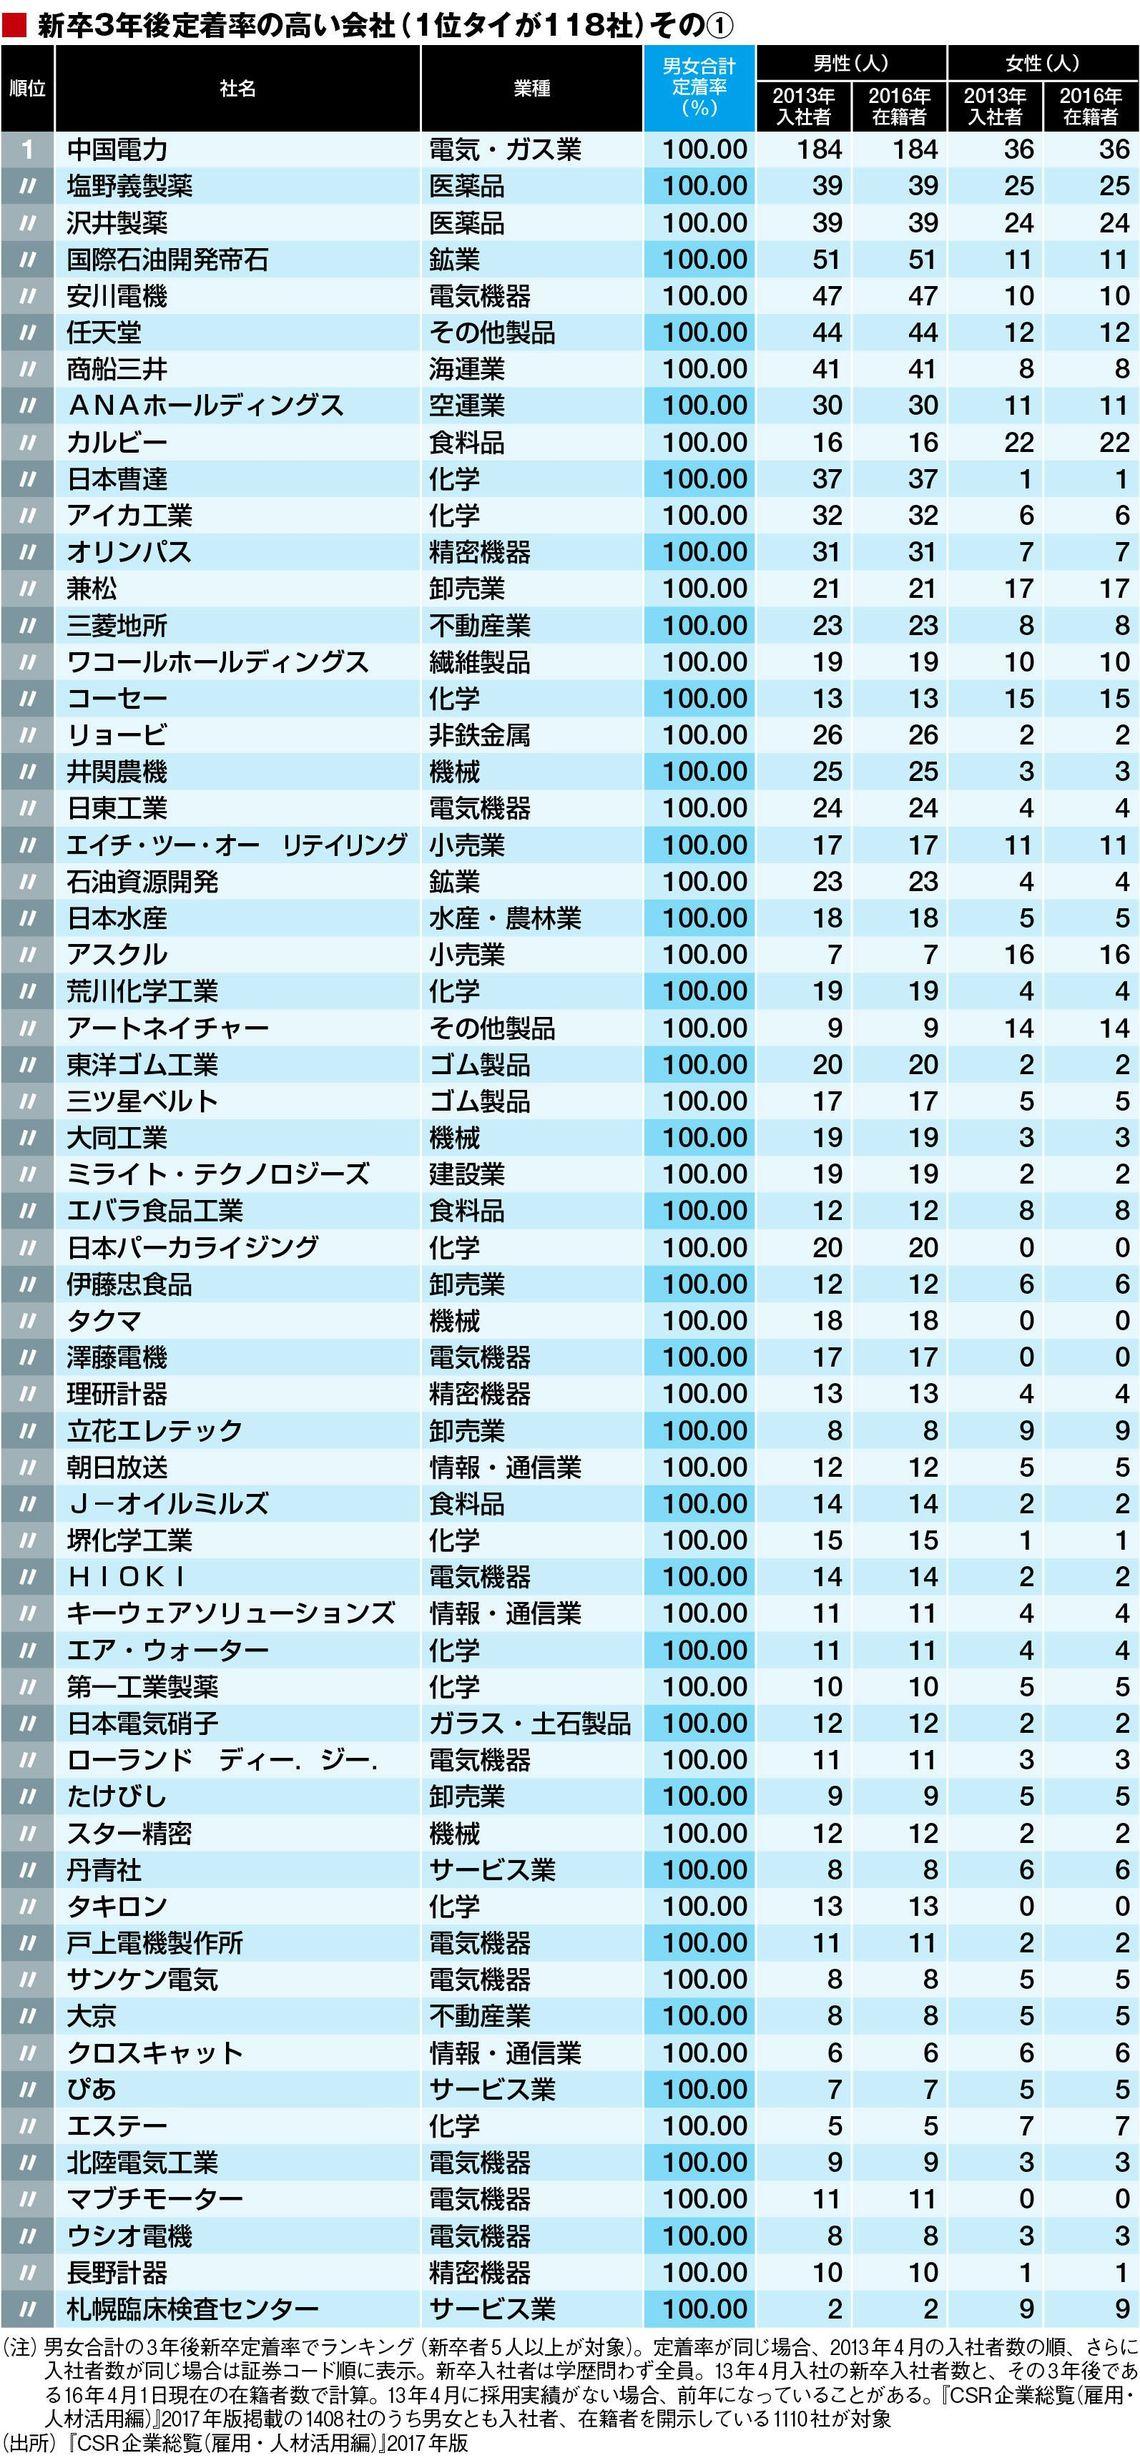 東洋経済 新入社員に優しい「ホワイト企業」トップ500の表。